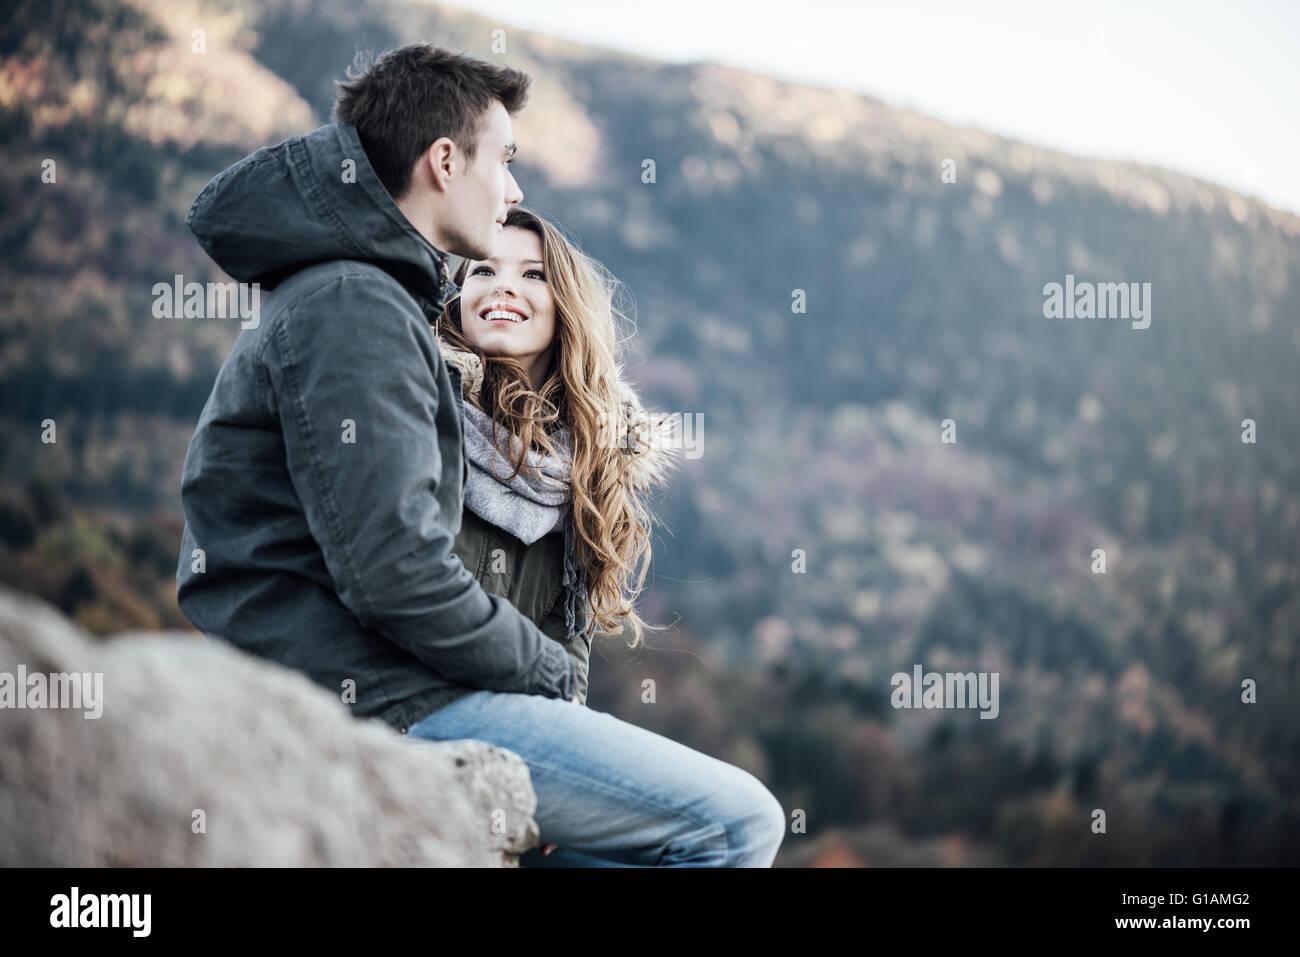 Romantische junges Paar im Winter aus, sie sitzen zusammen, sie sucht bei ihrem Freund Stockbild